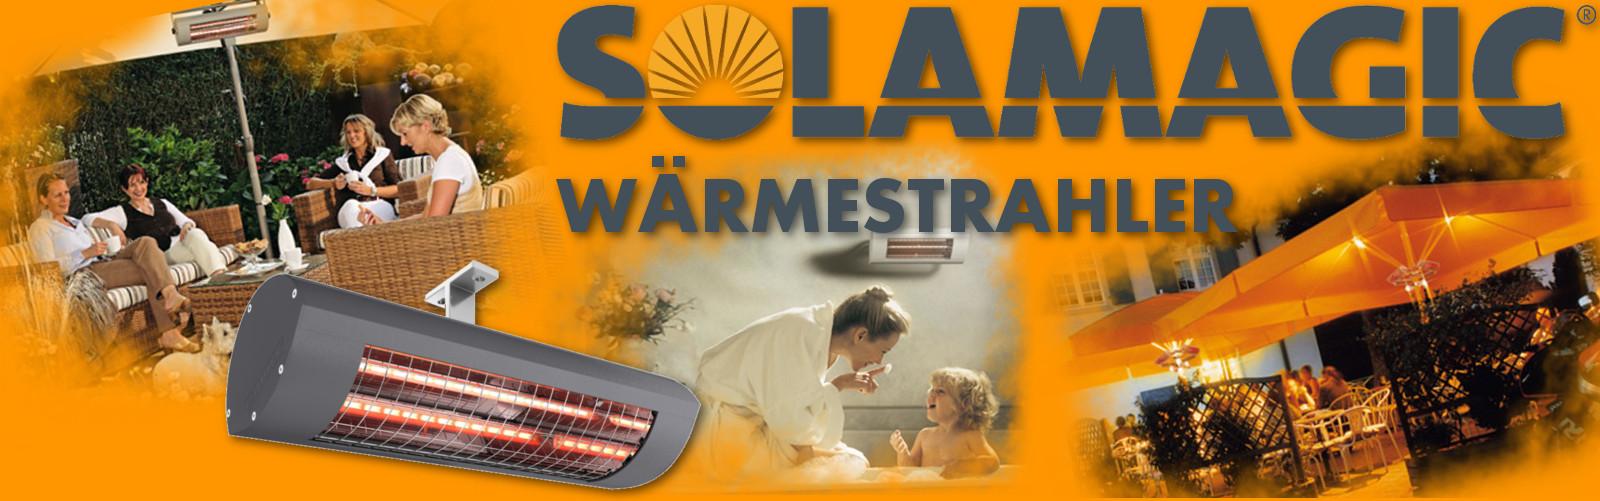 Wärmestrahler von Solamagic – Warm bleiben auch ohne Sonne